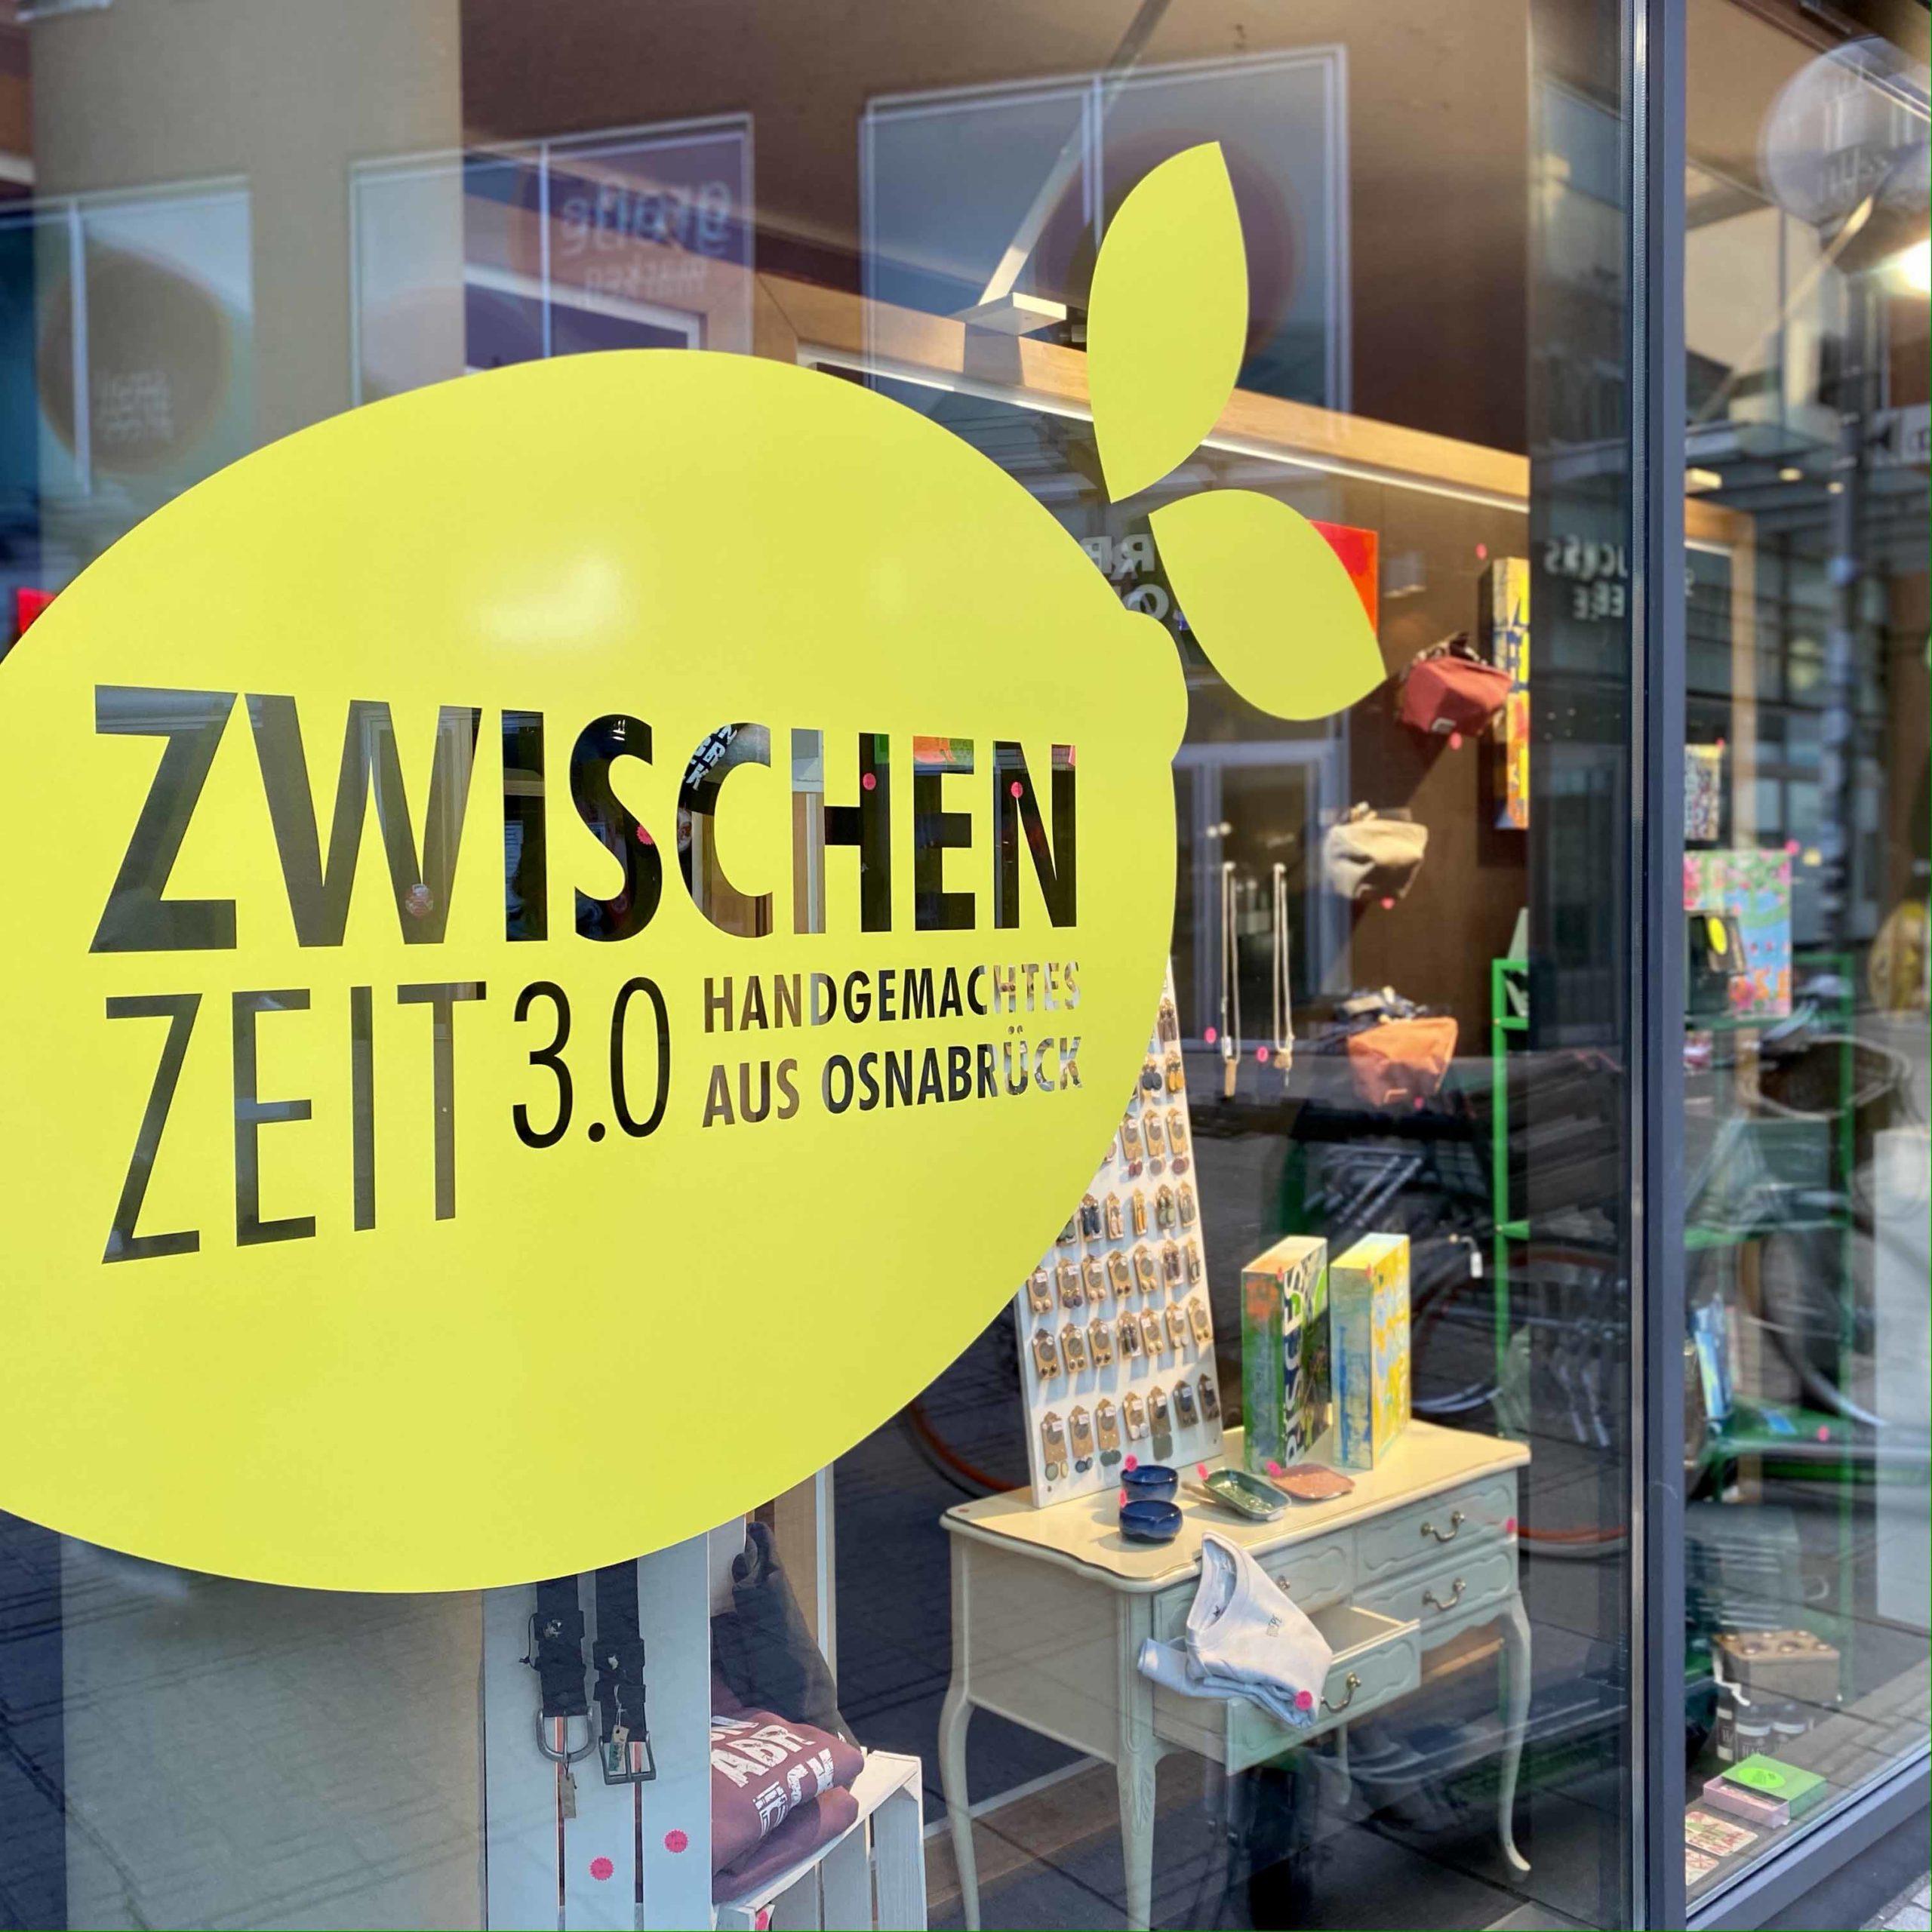 Zwischenzeit2021-Osnabrück_M.Schulte_WFO